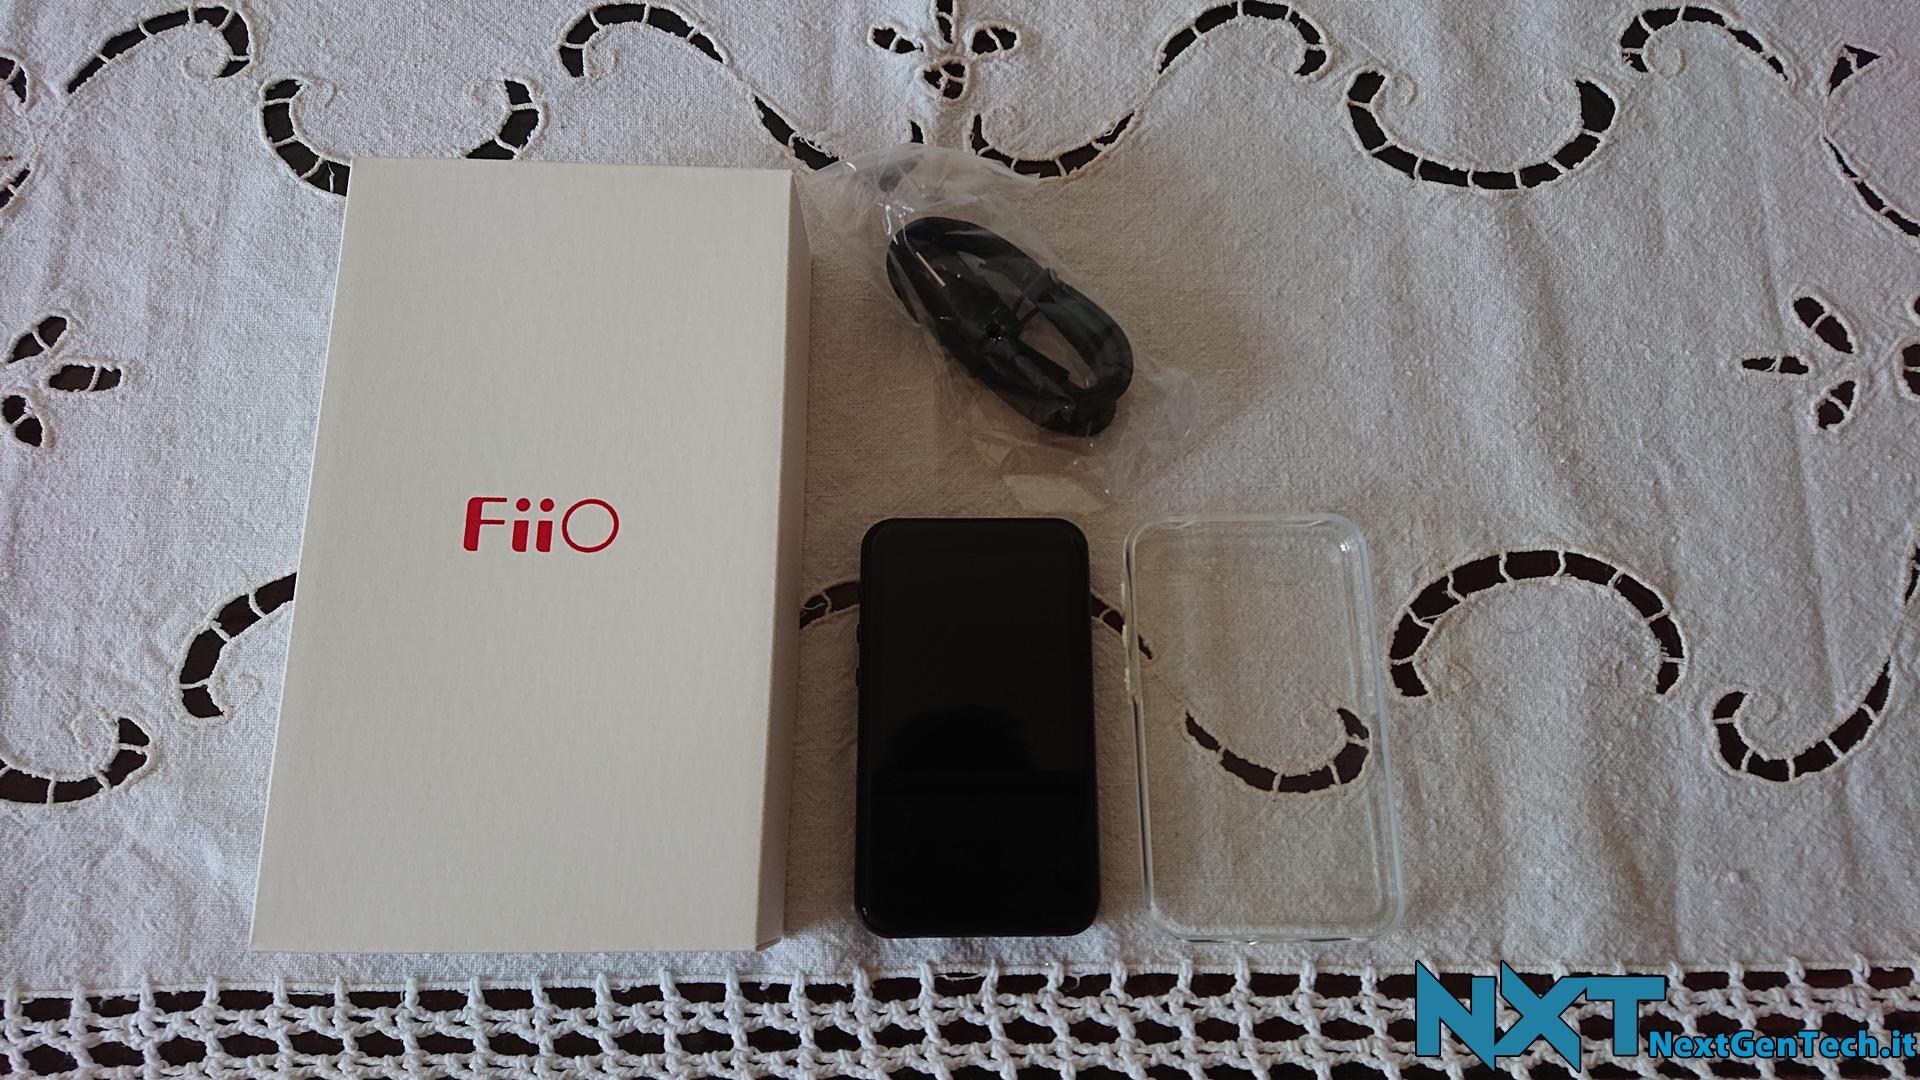 FiiO_m6 (2)